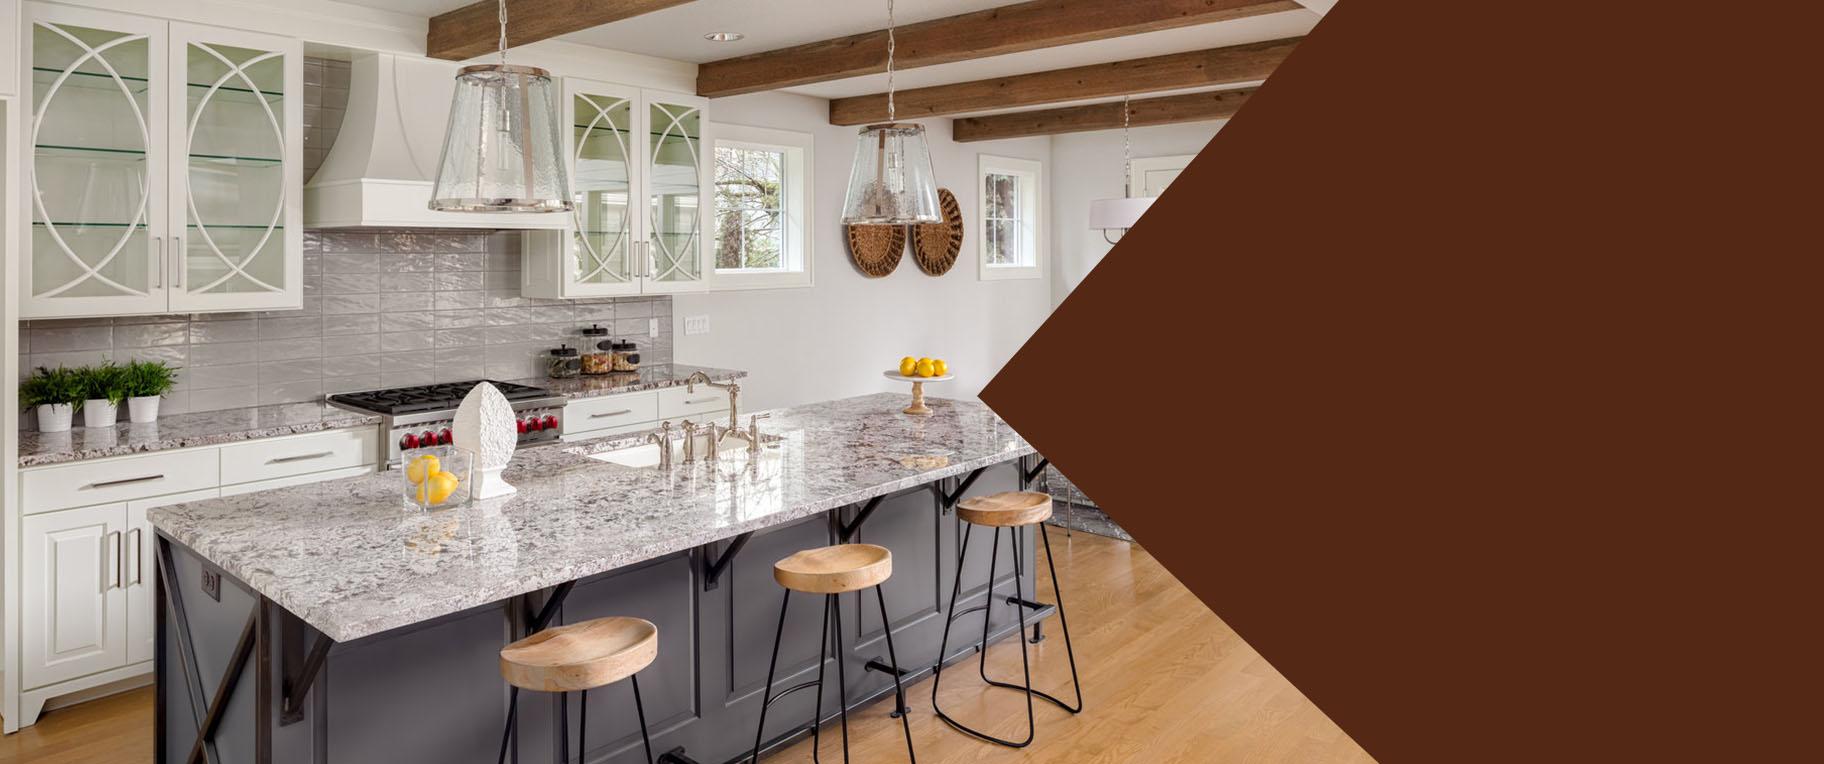 Ottawa Expert Refacing & Kitchens - Kitchen Renovations Ottawa